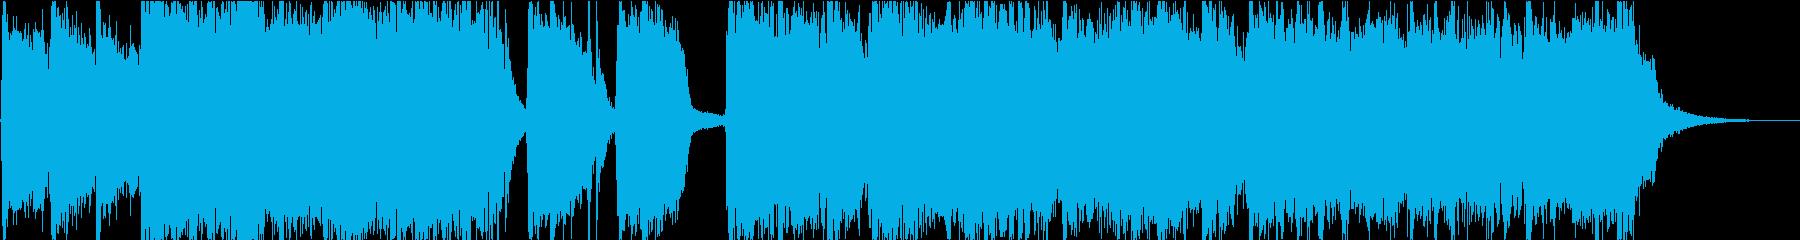 47.マジックロック:81 BPM...の再生済みの波形